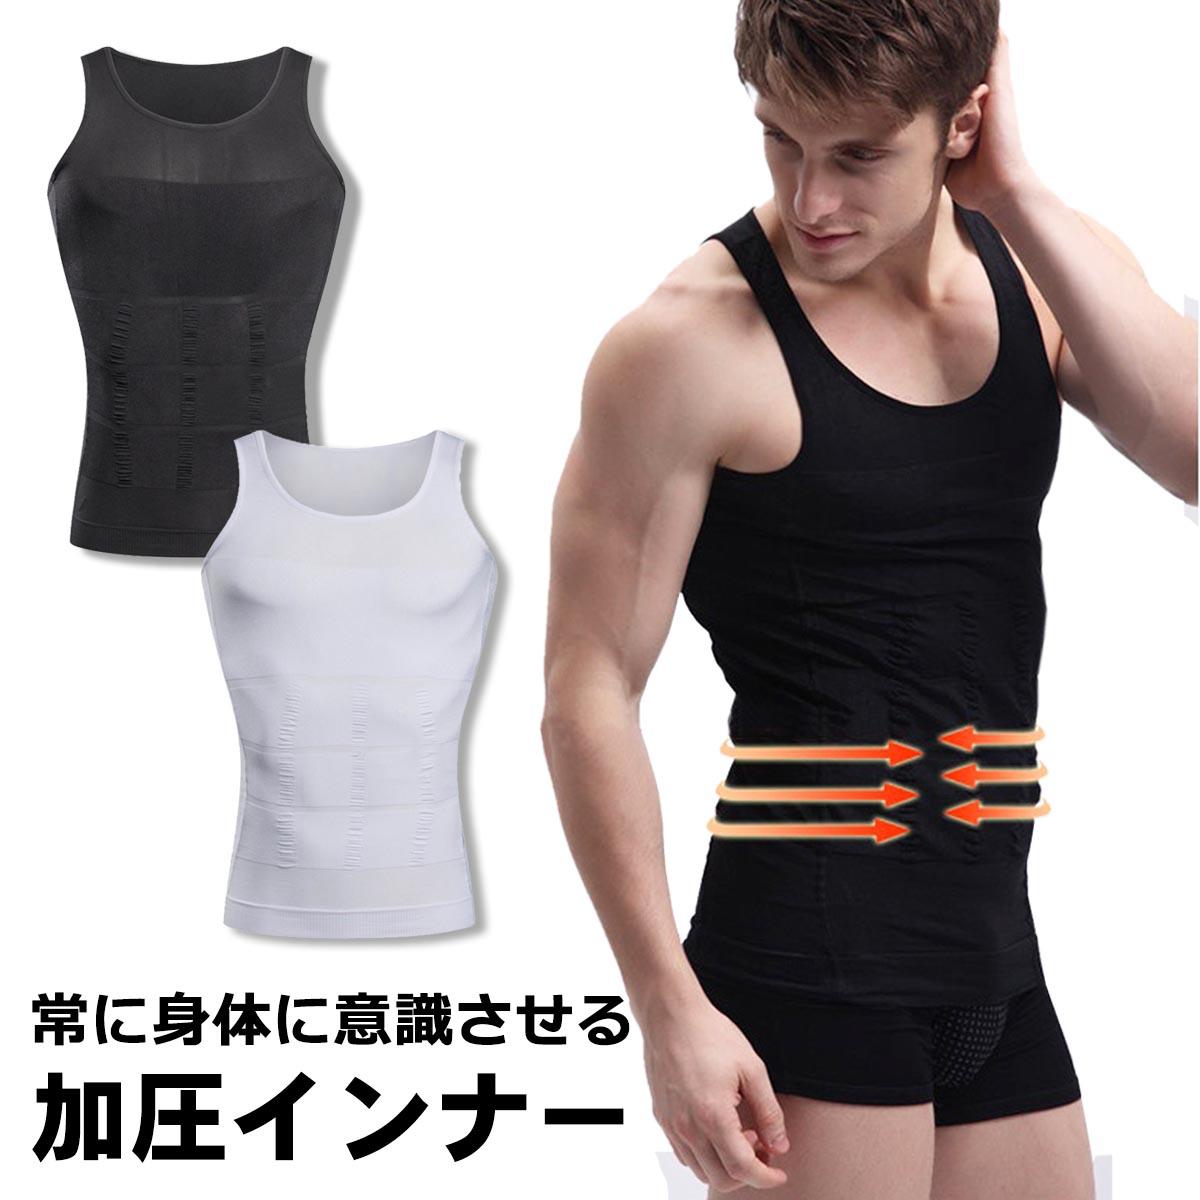 【送料無料】 加圧シャツ メンズ 加圧インナー 加圧Tシャツ タンクトップ 姿勢矯正 背筋補正 サポーター コンプレッションウェア 補正下着 インナーシャツ